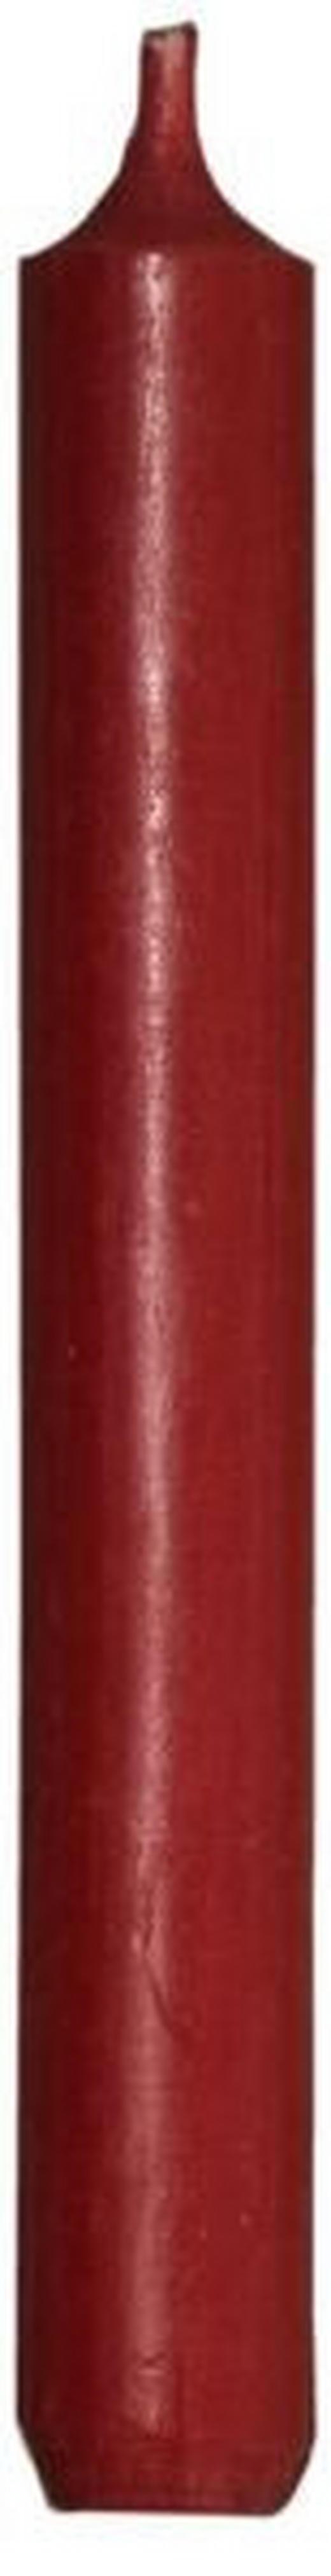 STABKERZE 18 cm - Dunkelrot, Basics (18cm) - Steinhart